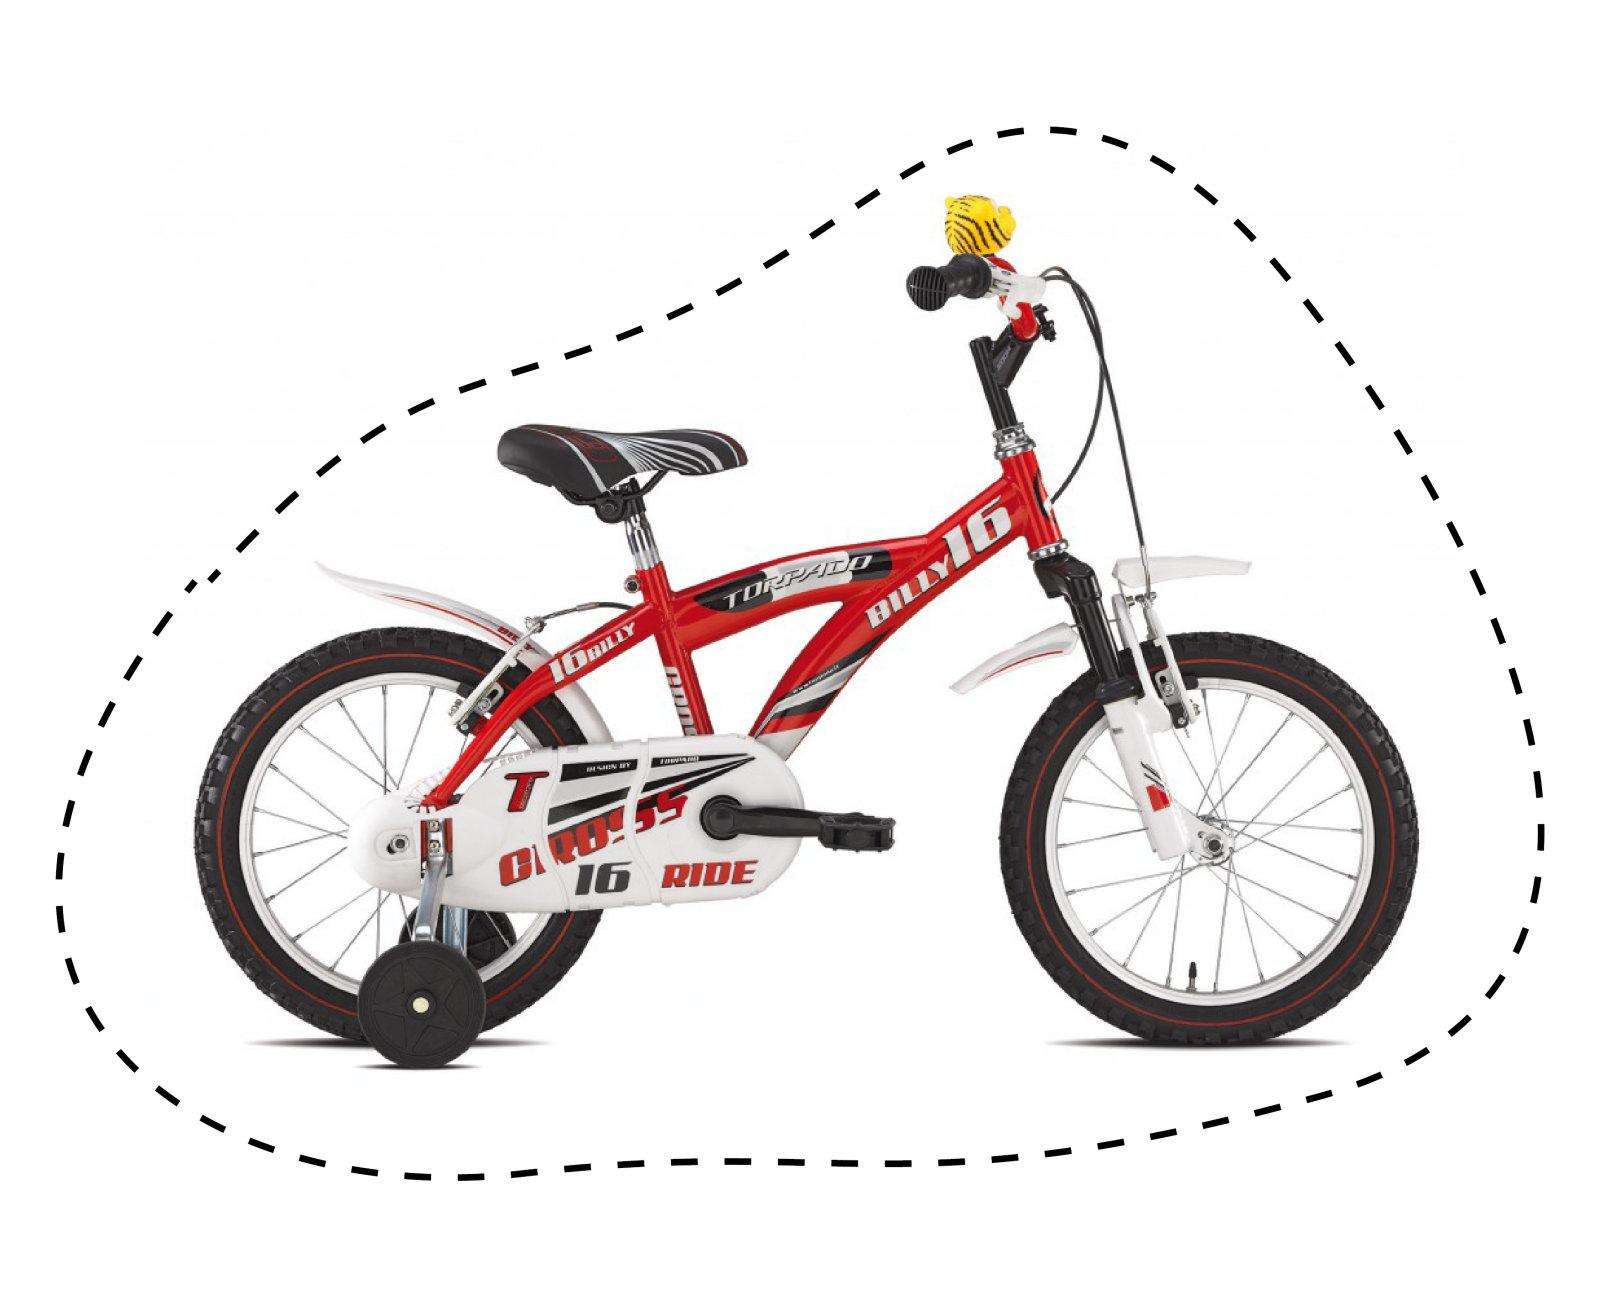 44257a95ca0 Esiamordiga jalgratas, millega on hea sõita ka metsa all. Sobib  4–5aastasele. 16 tolli, alumiiniumraam. Kaal 11 kg. Hind: 139.- (altan.ee)